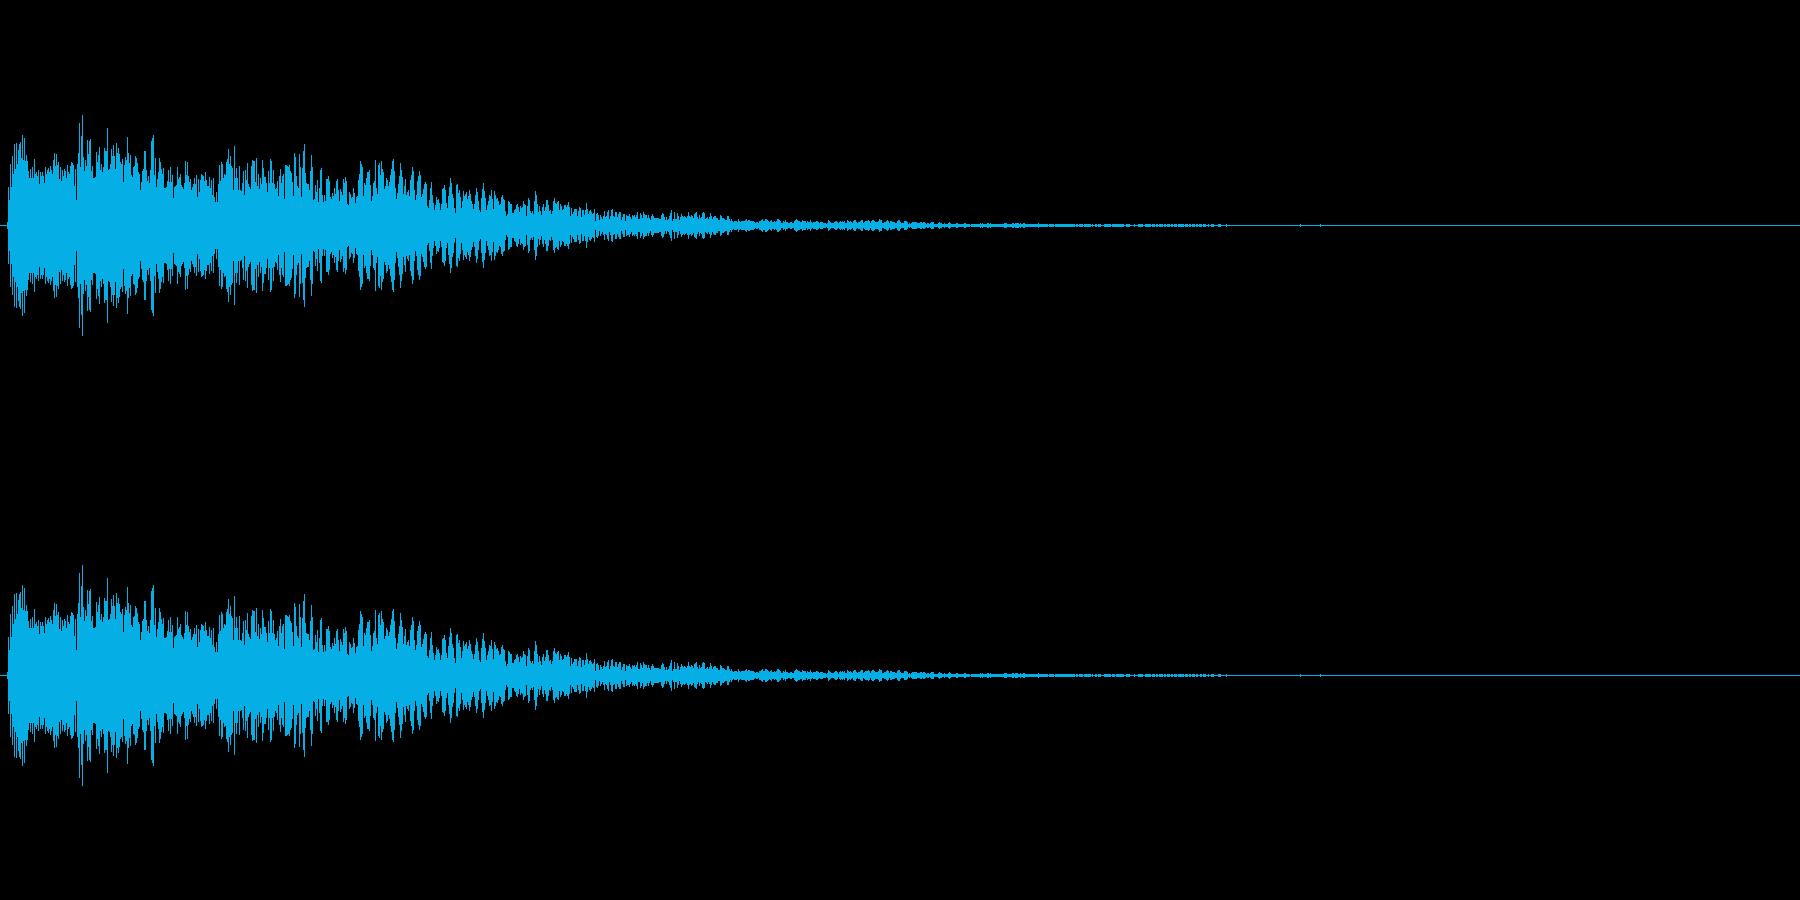 霊感、奇妙なアイテムの再生済みの波形